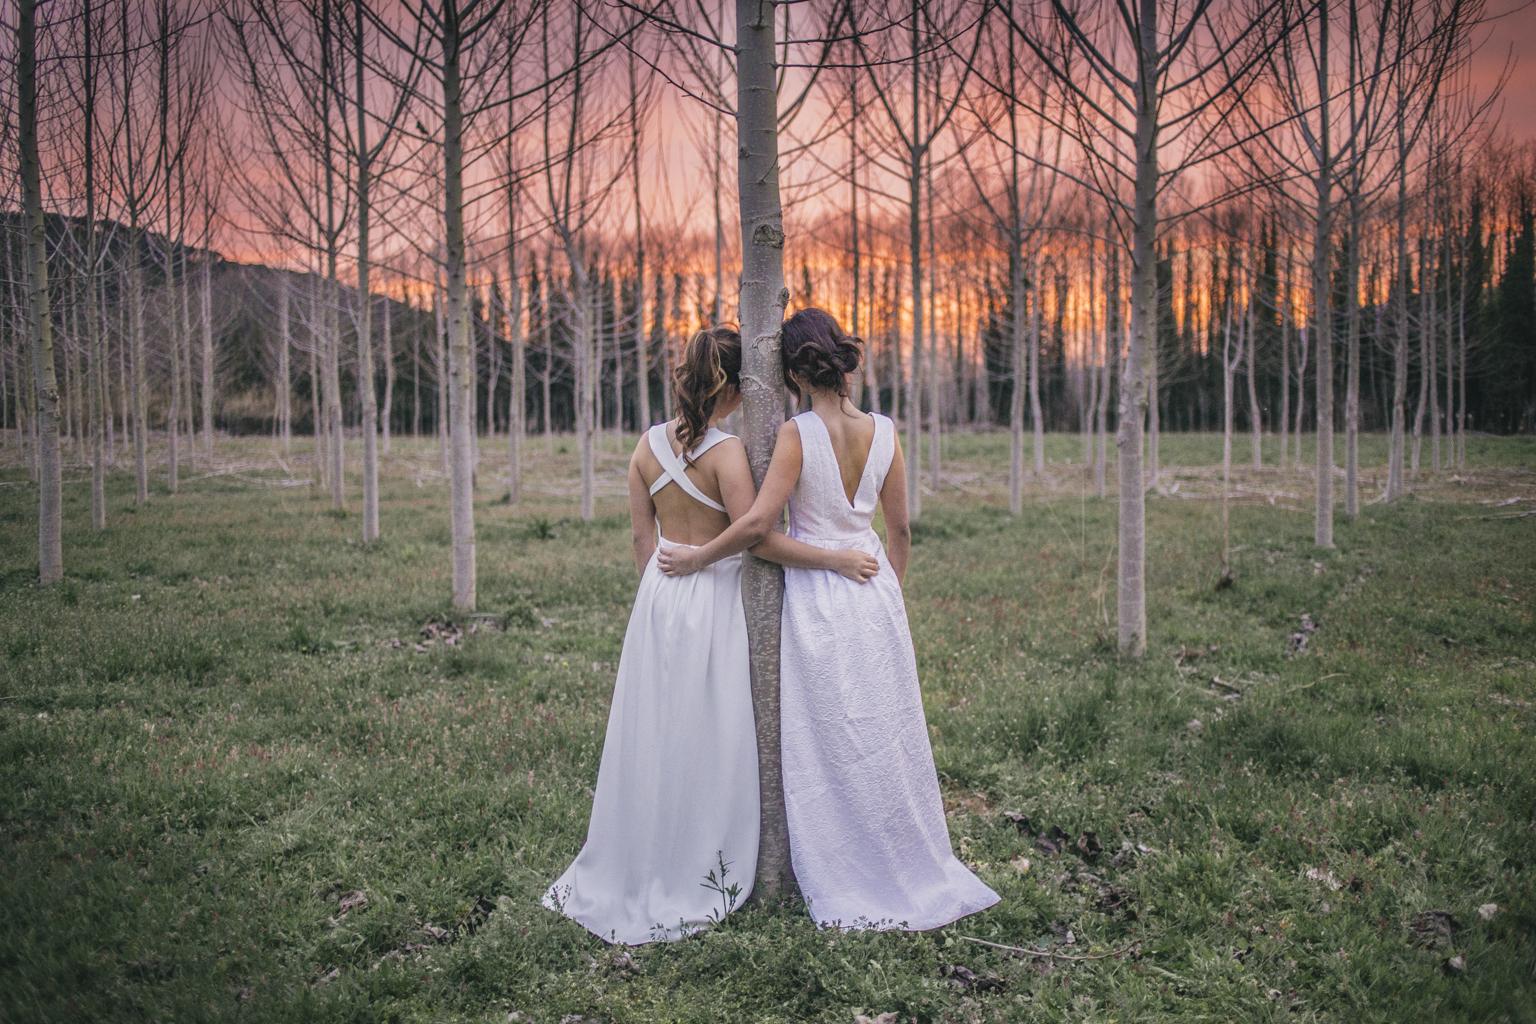 fotógrafos de boda barcelona :: sesión de boda :: sesión dboda :: shooting fashion :: vestidos de novia